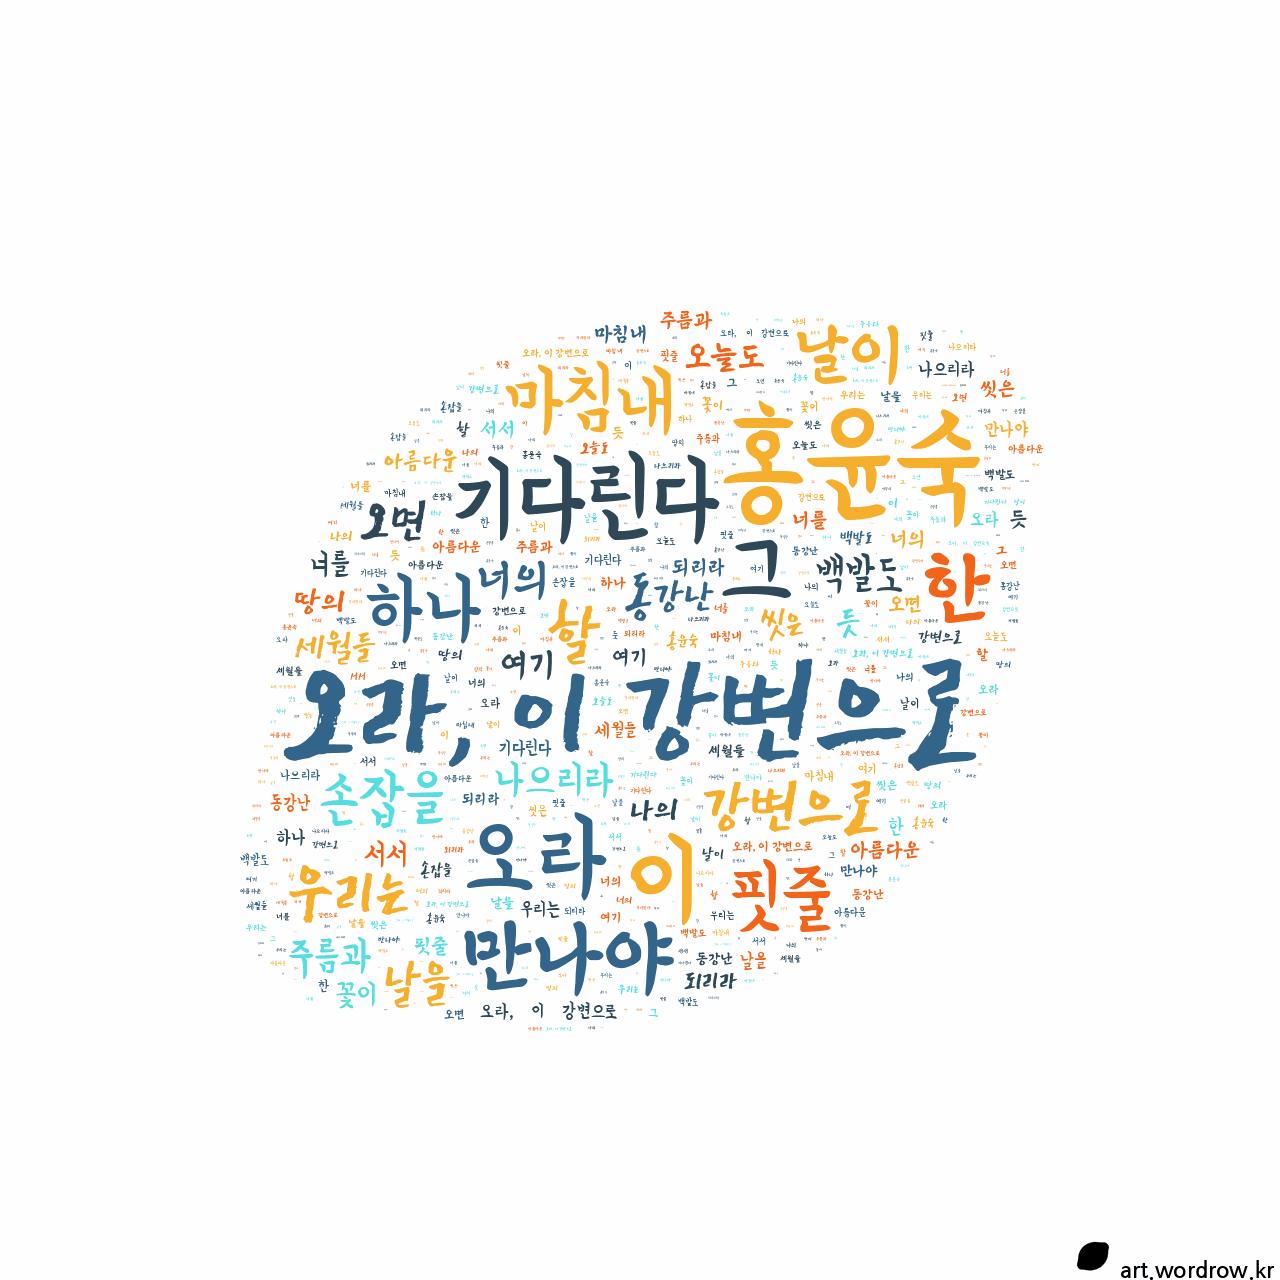 워드 클라우드: 오라, 이 강변으로 [홍윤숙]-10